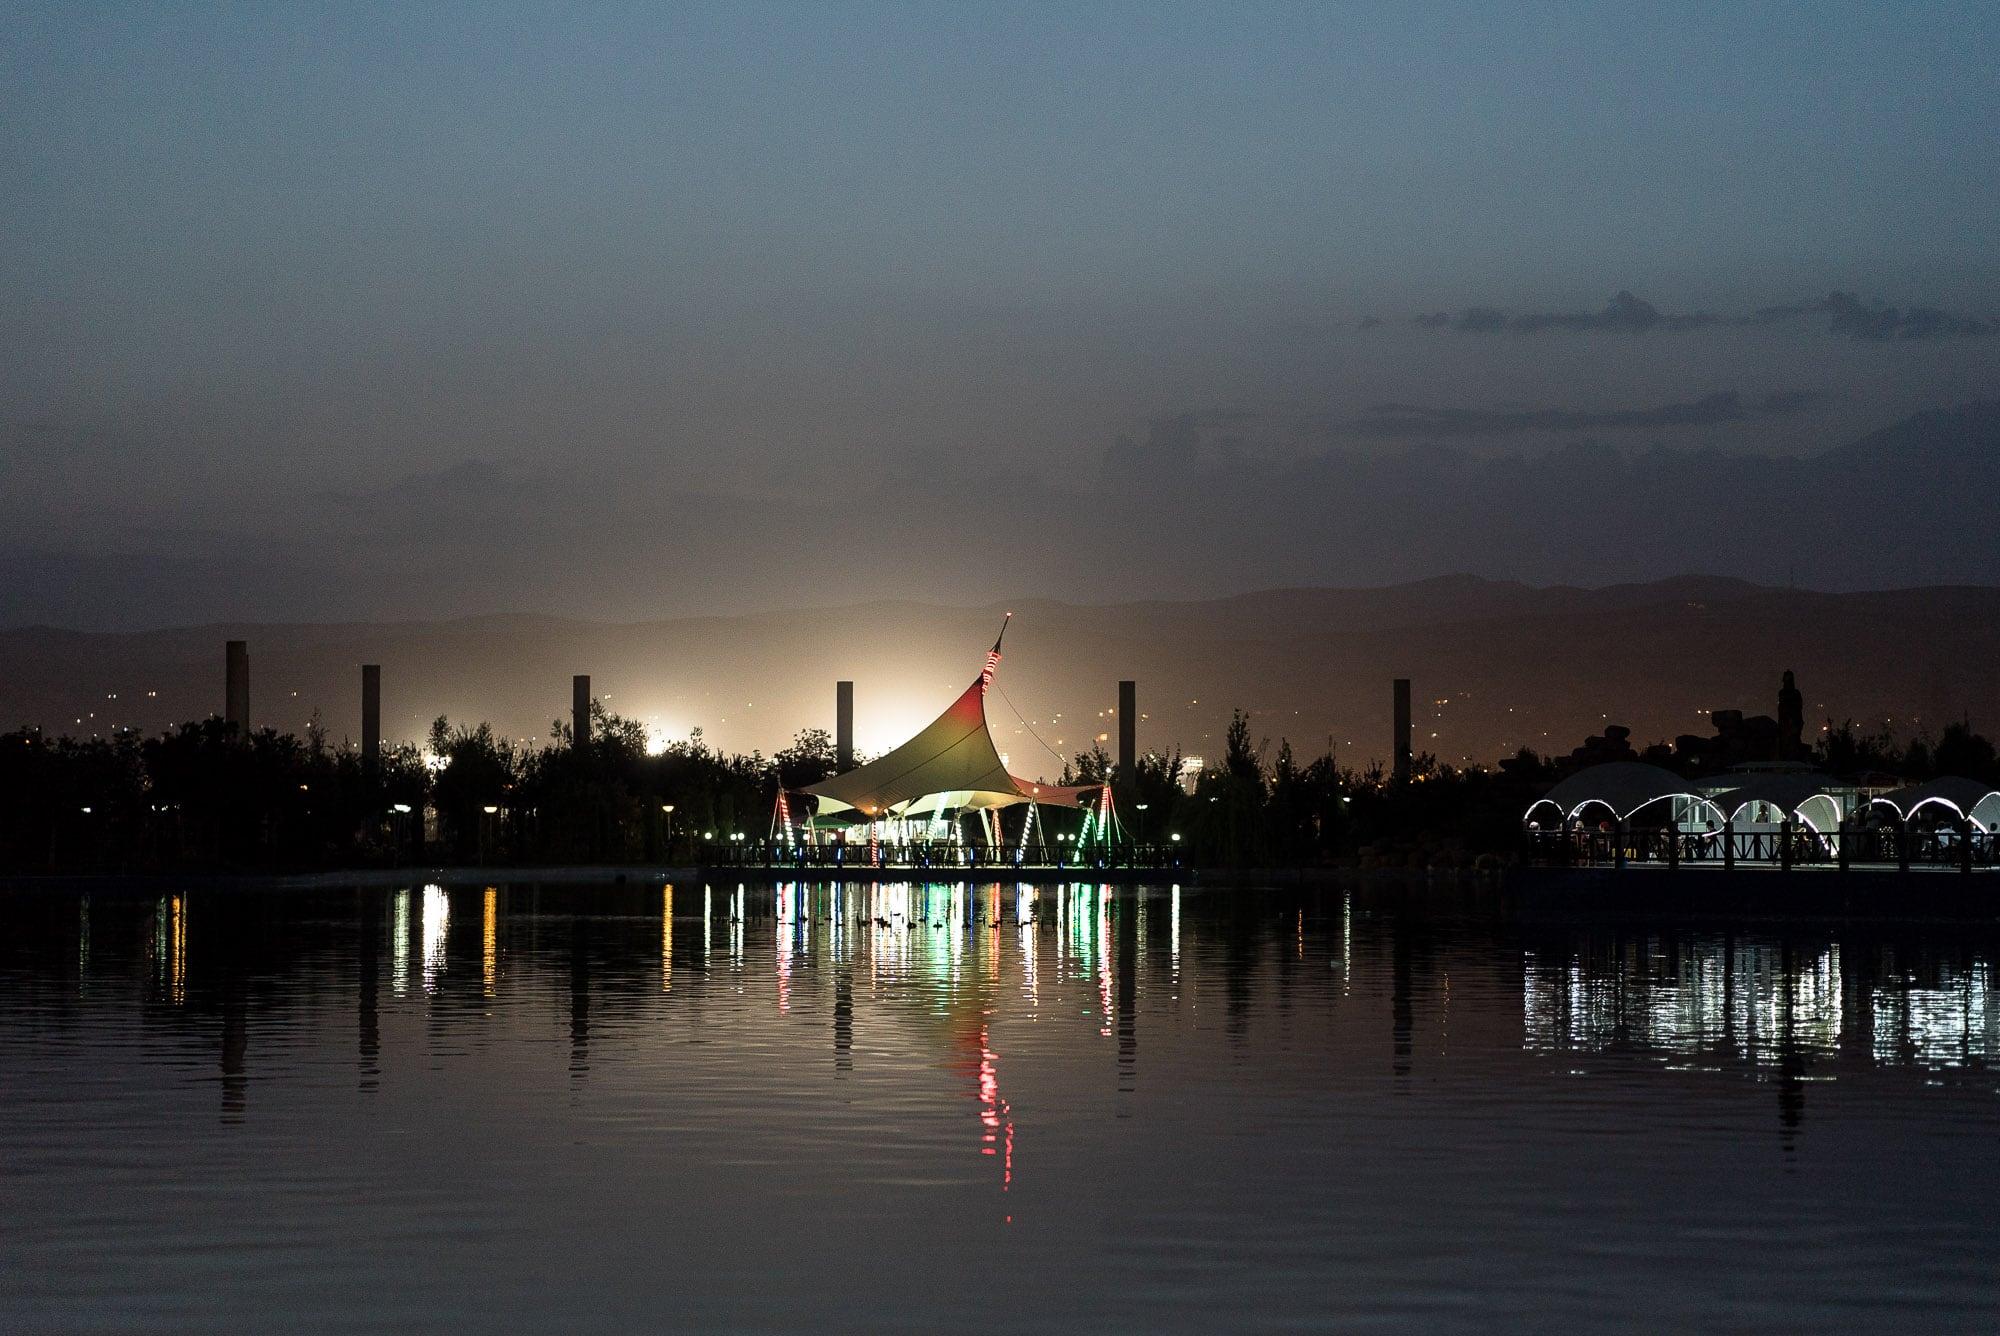 Dushanbe at night